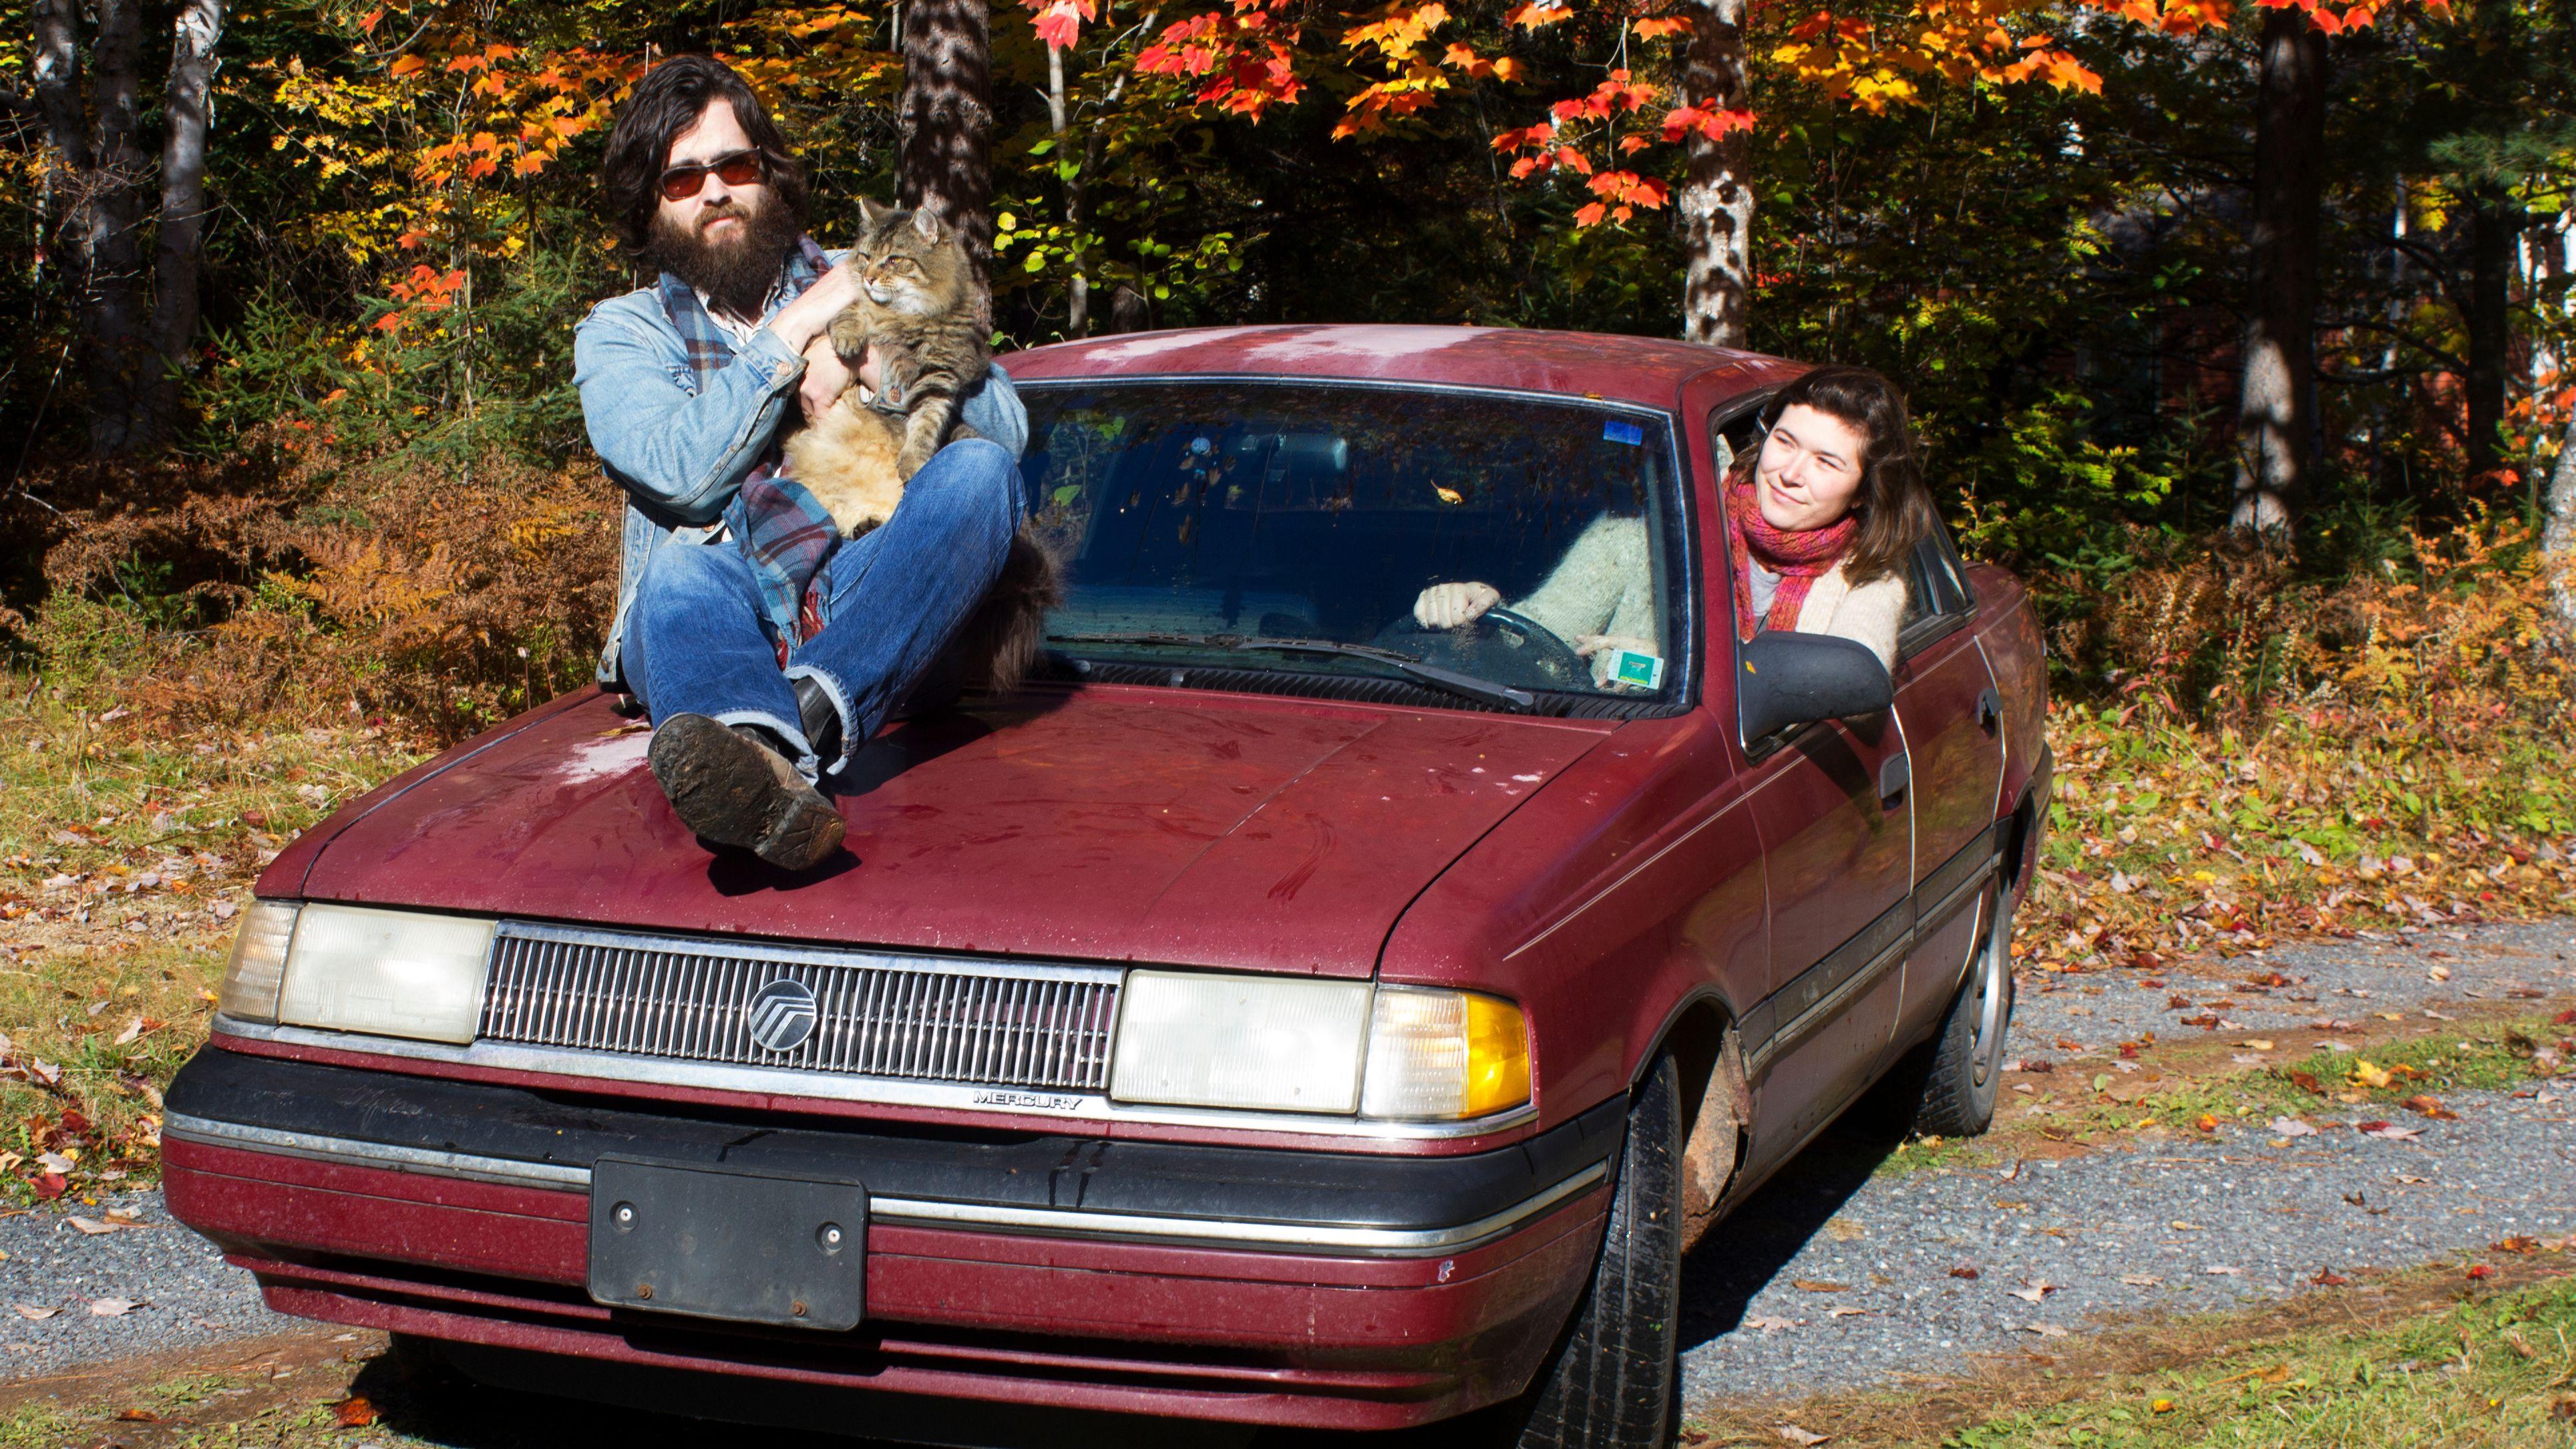 Ein Mann sitzt auf der Motorhaube eines roten Autos, an dessen Steuer eine Frau sitzt. Er hält eine Katze auf dem Arm.